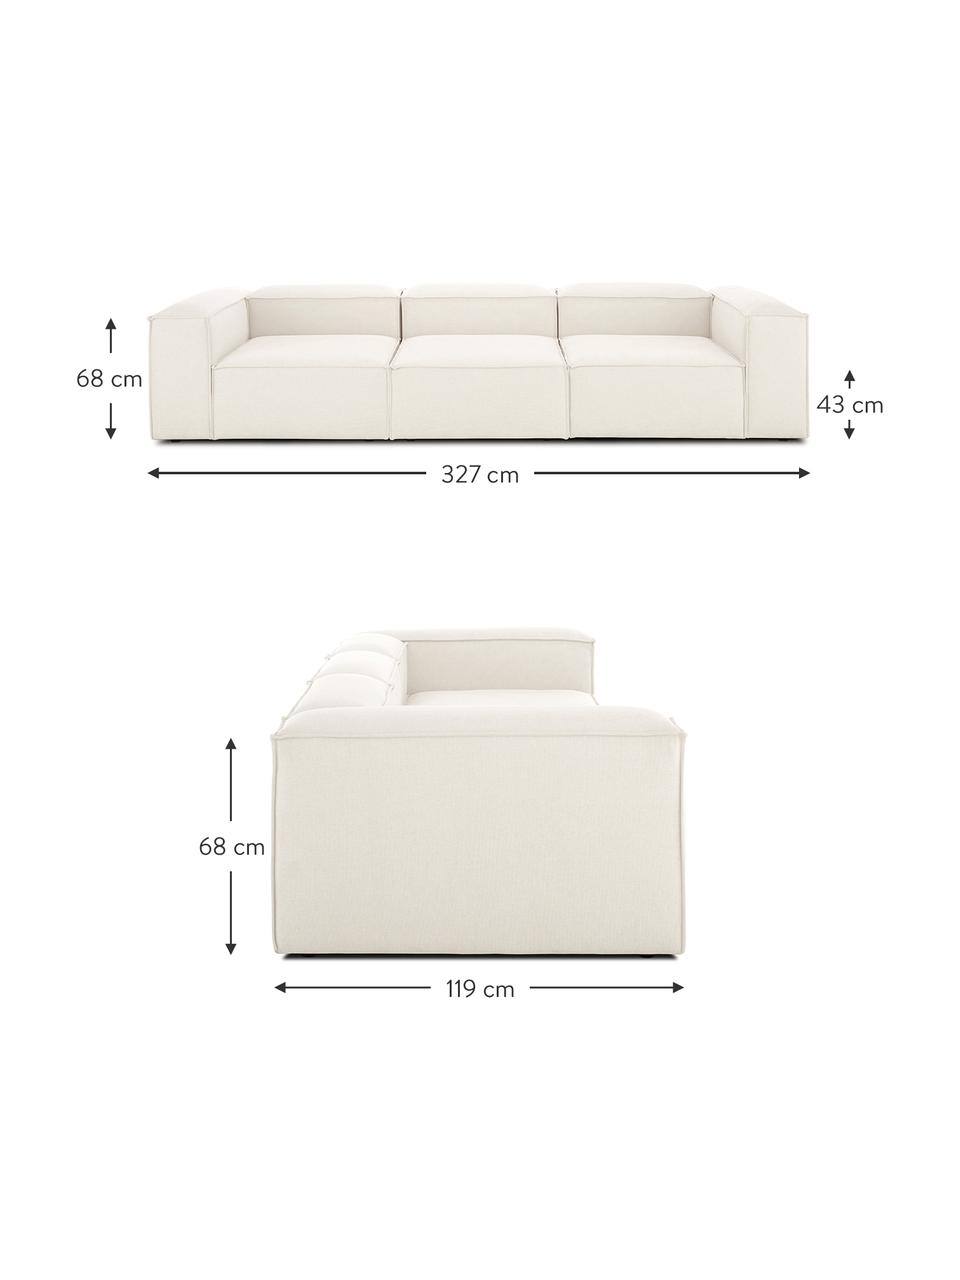 Sofa modułowa Lennon (4-osobowa), Tapicerka: poliester Dzięki tkaninie, Stelaż: lite drewno sosnowe, skle, Nogi: tworzywo sztuczne Nogi zn, Beżowy, S 327 x G 119 cm